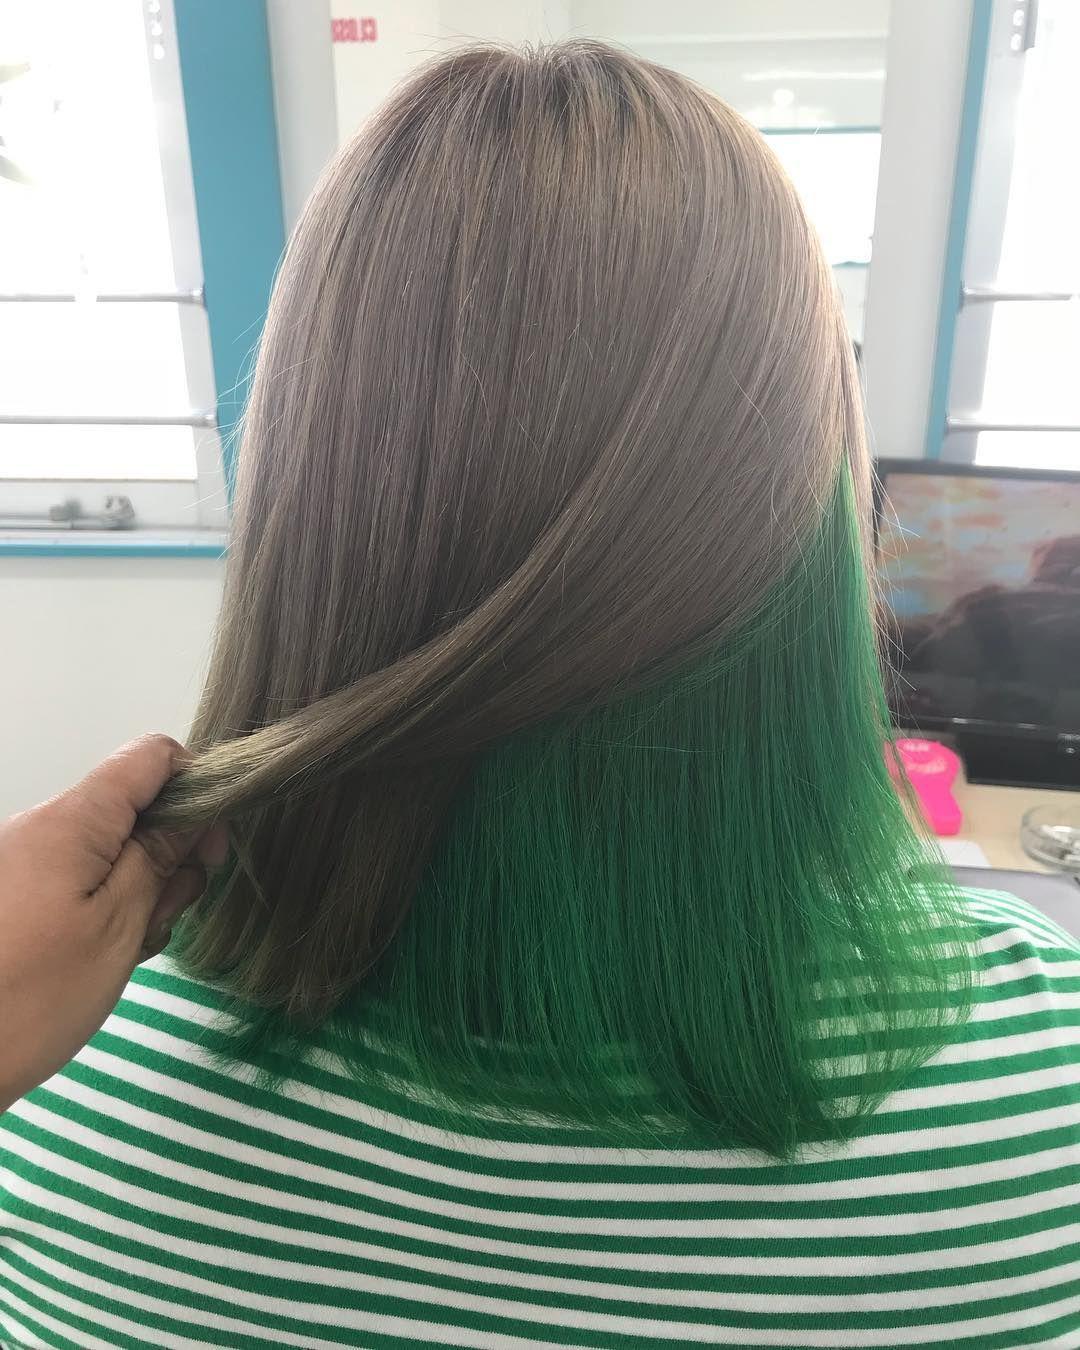 毛先薄いグリーンをいれたアッシュマットグラデーションカラー ヘア